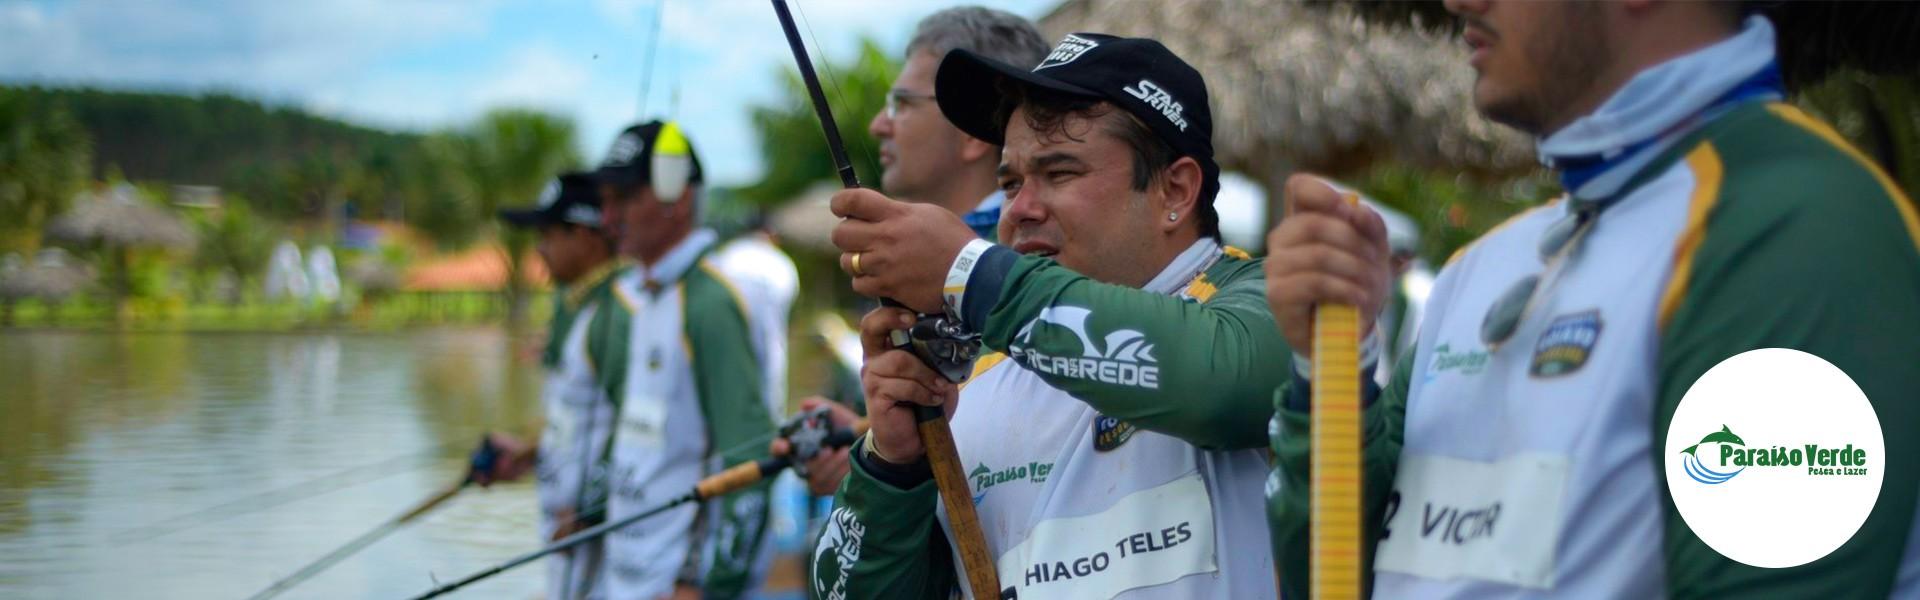 Campeonato Brasileiro em Pesqueiros, Goiás